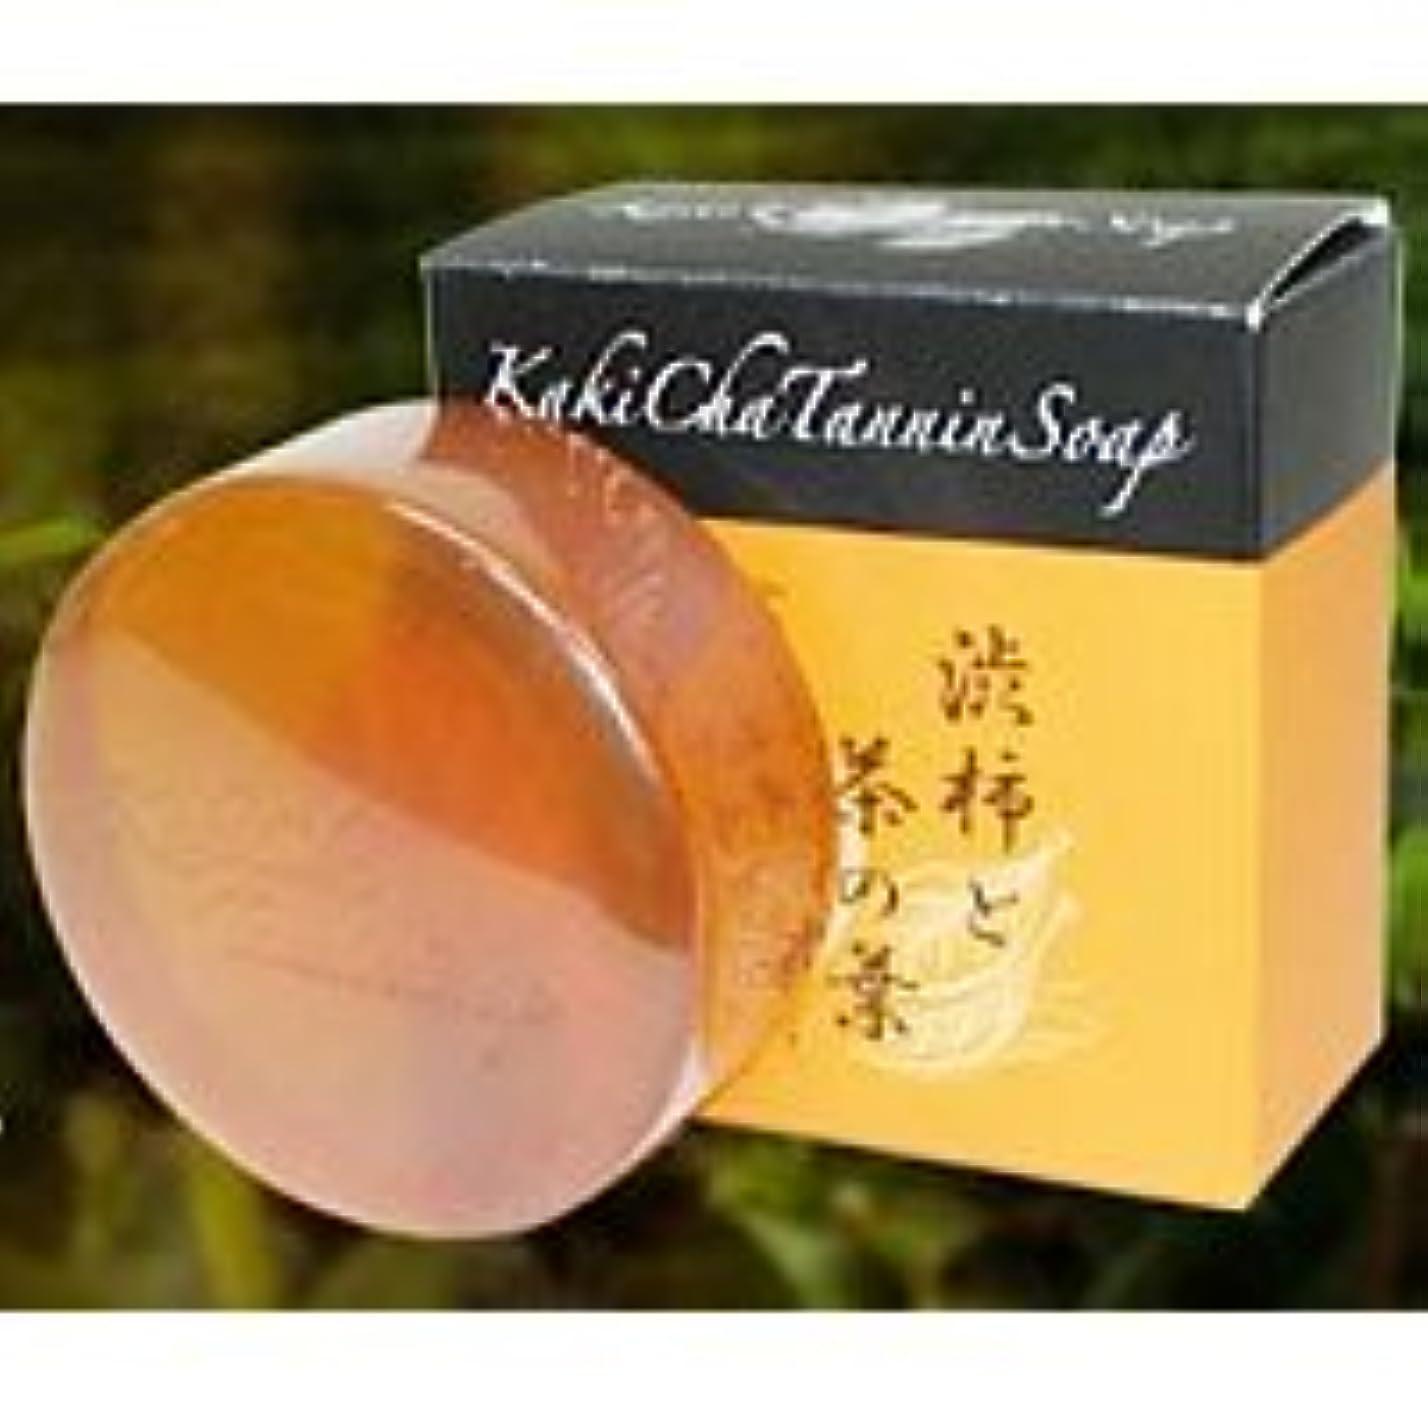 知的典型的な浸したカキチャタンニンソープ 安心の日本製 カキチャタンニンソープ (マイルドクリアソープ) カキチャ タンニンソープ 柿渋ソープ